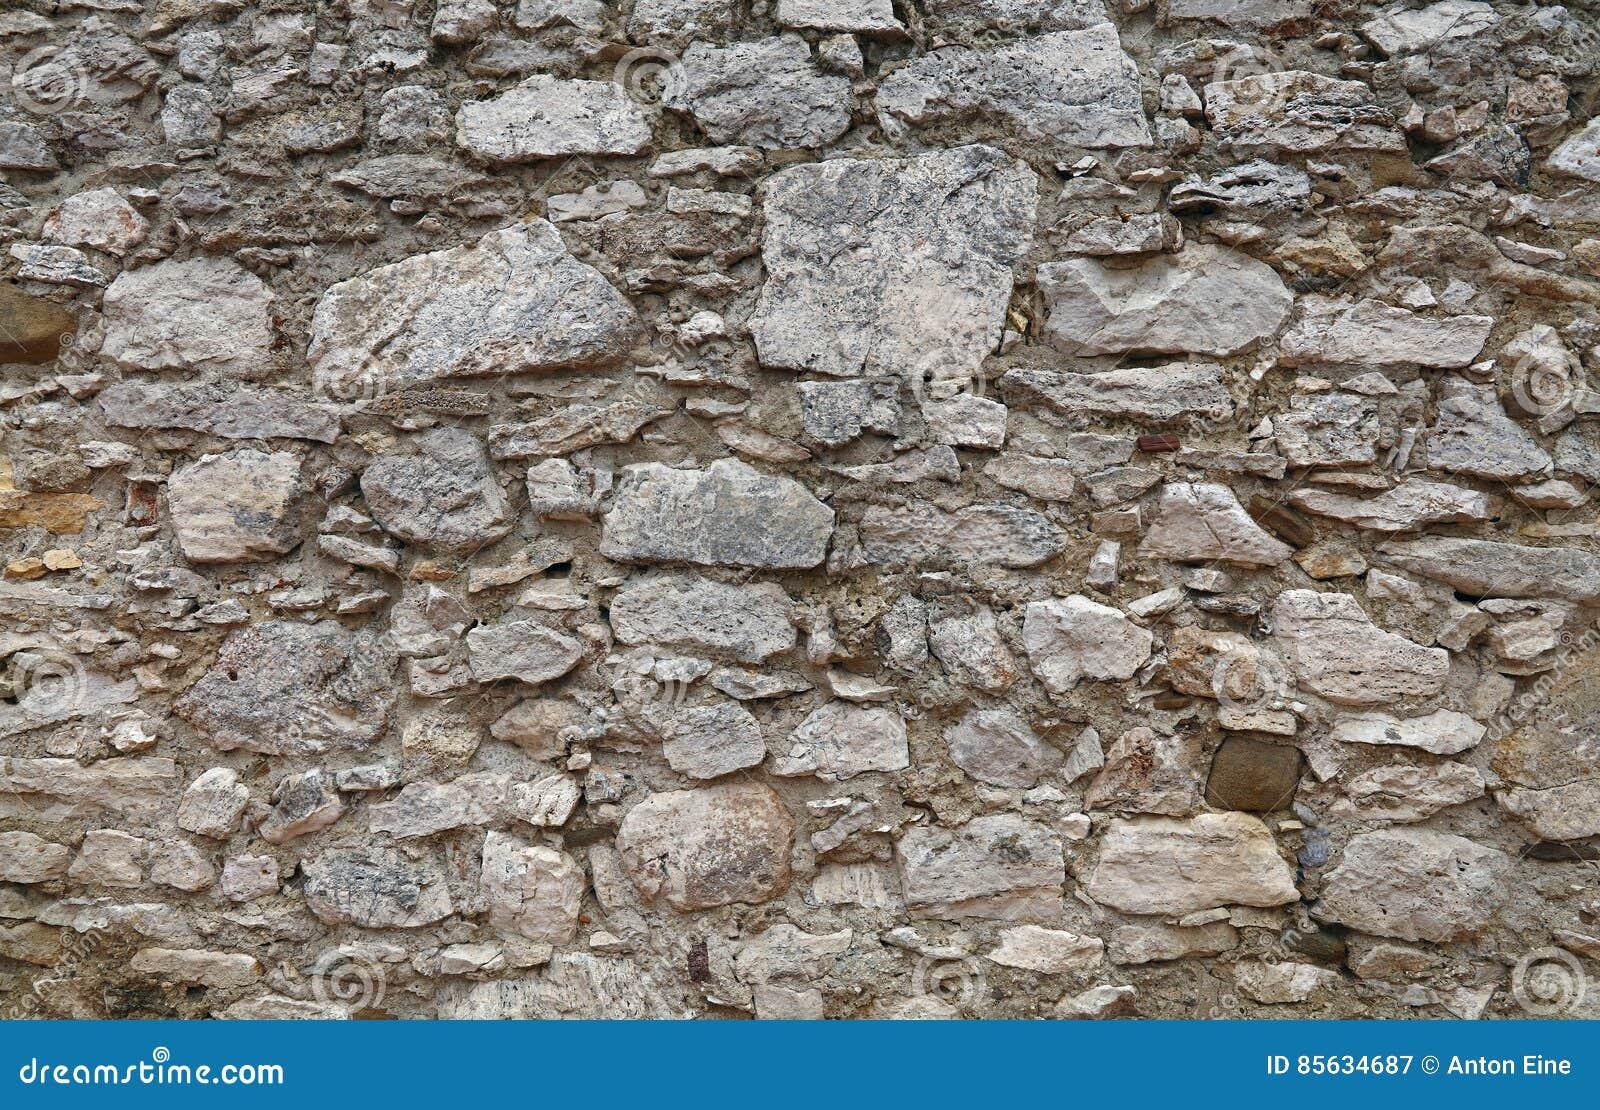 Alter Stein überlagerte Wand der Festung oder des Schlosses